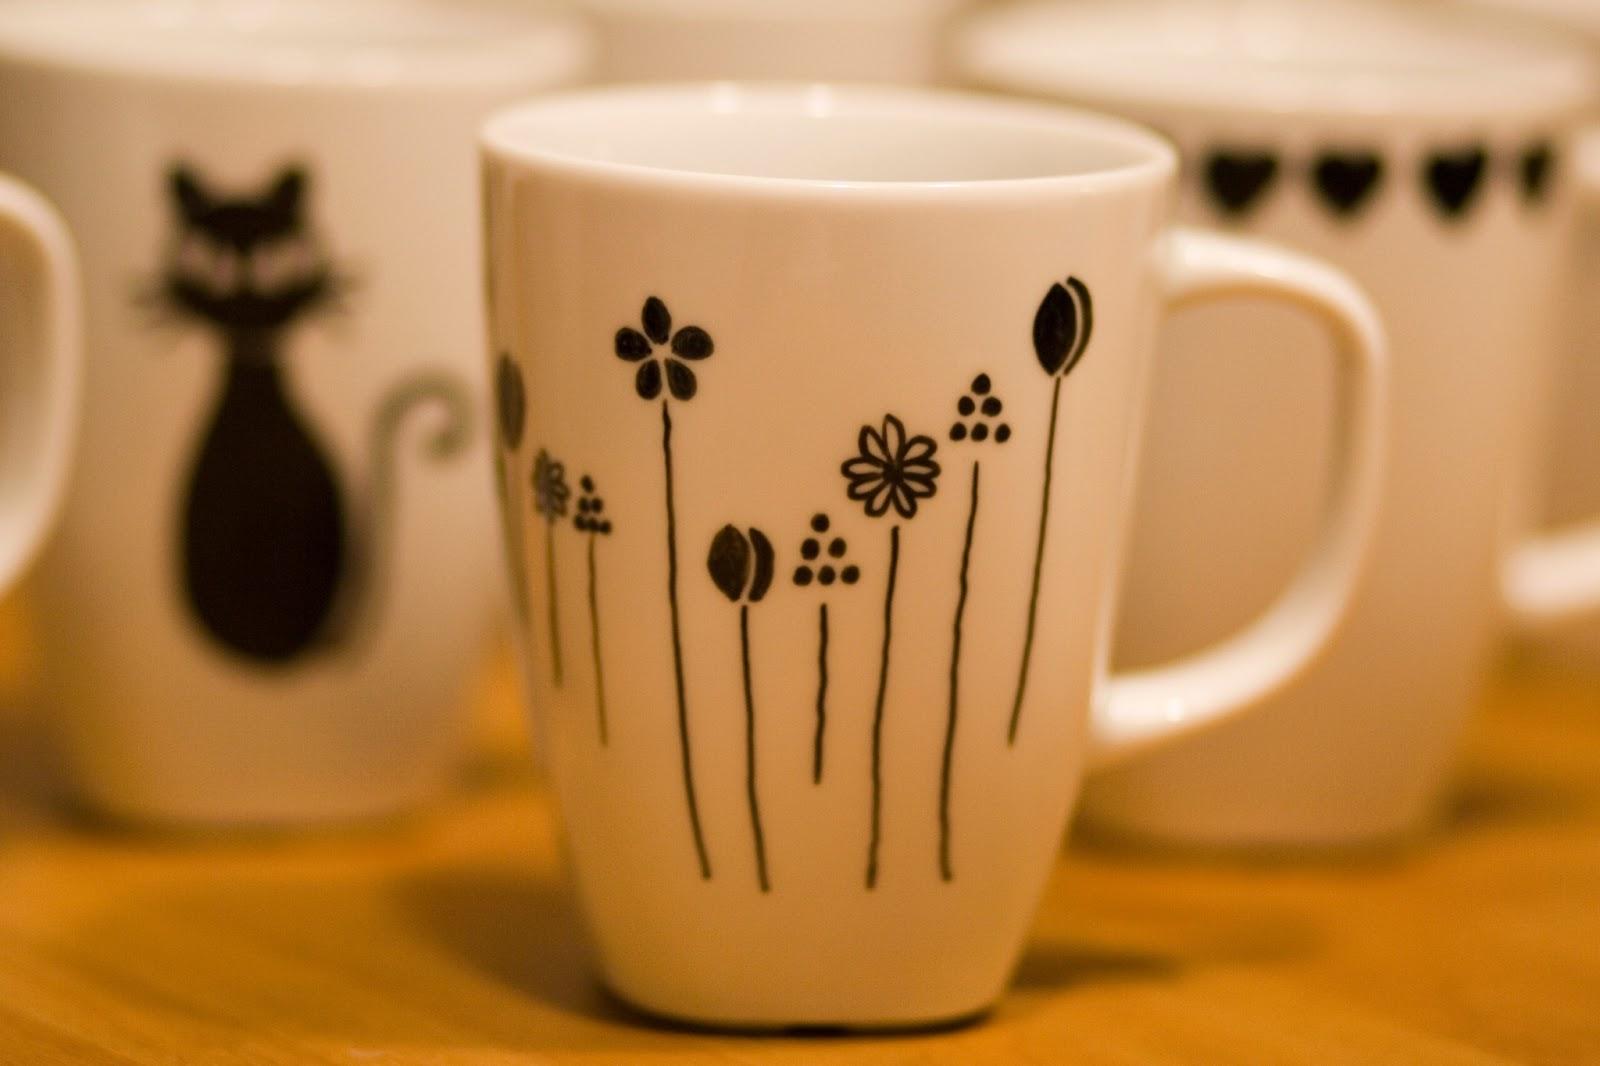 Chica perika tazas pintadas con invitada especial - Tazas decoradas a mano ...